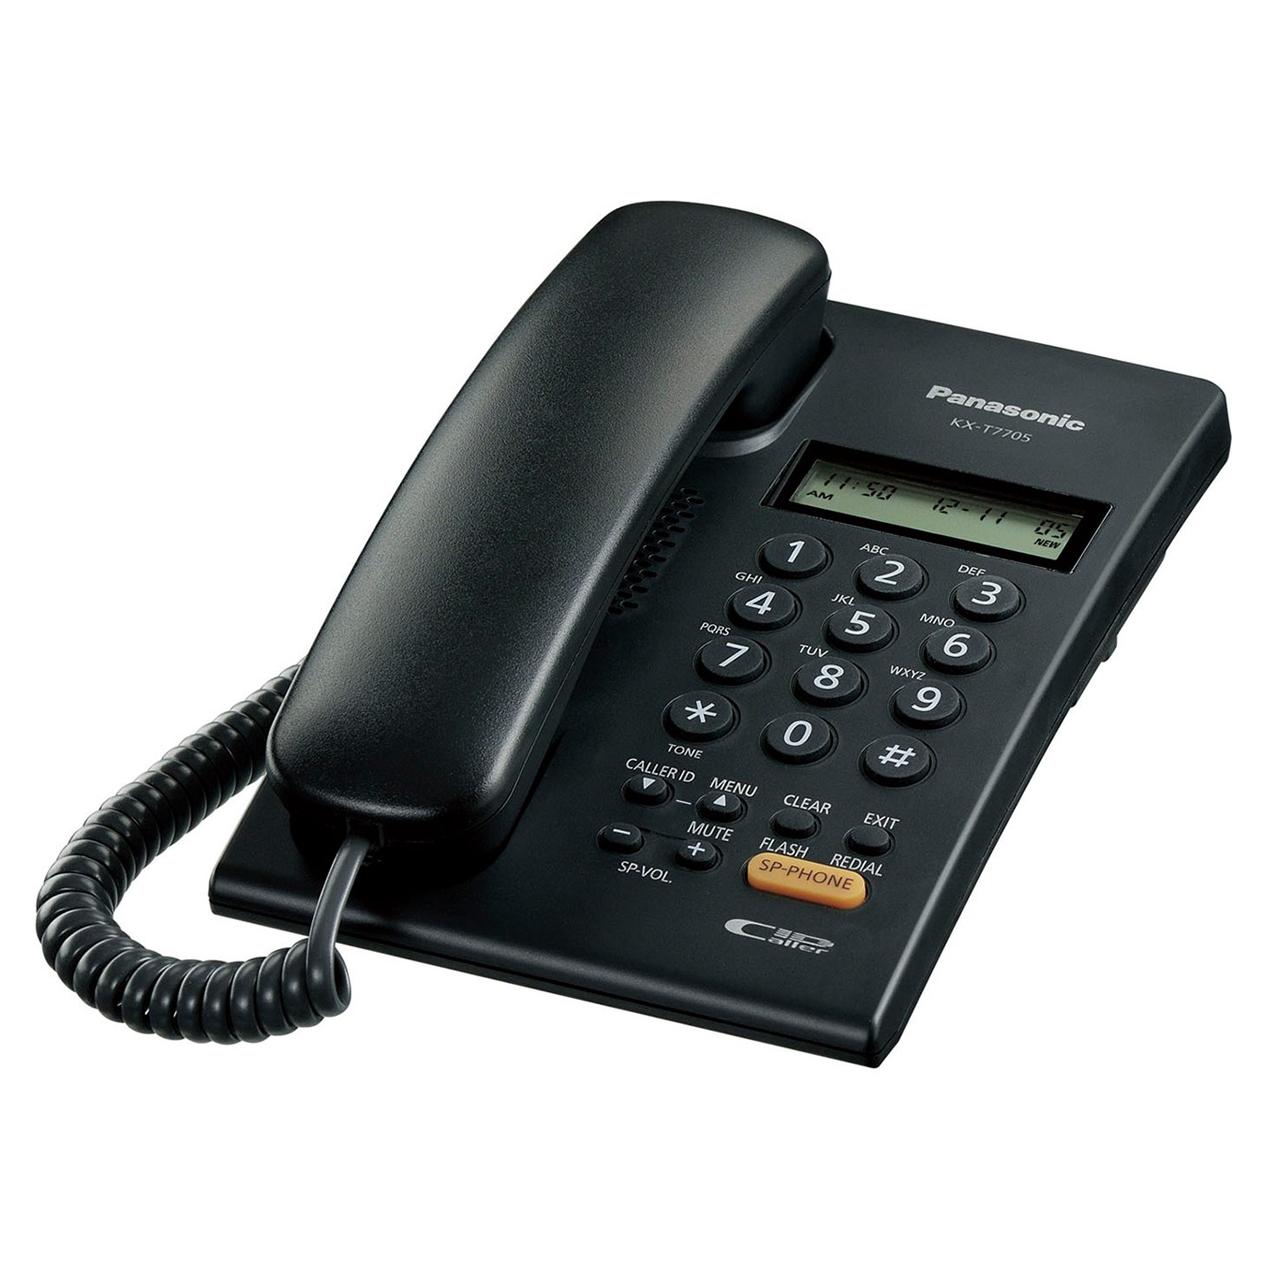 تلفن رومیزی پاناسونیک مدل KX-T7705X